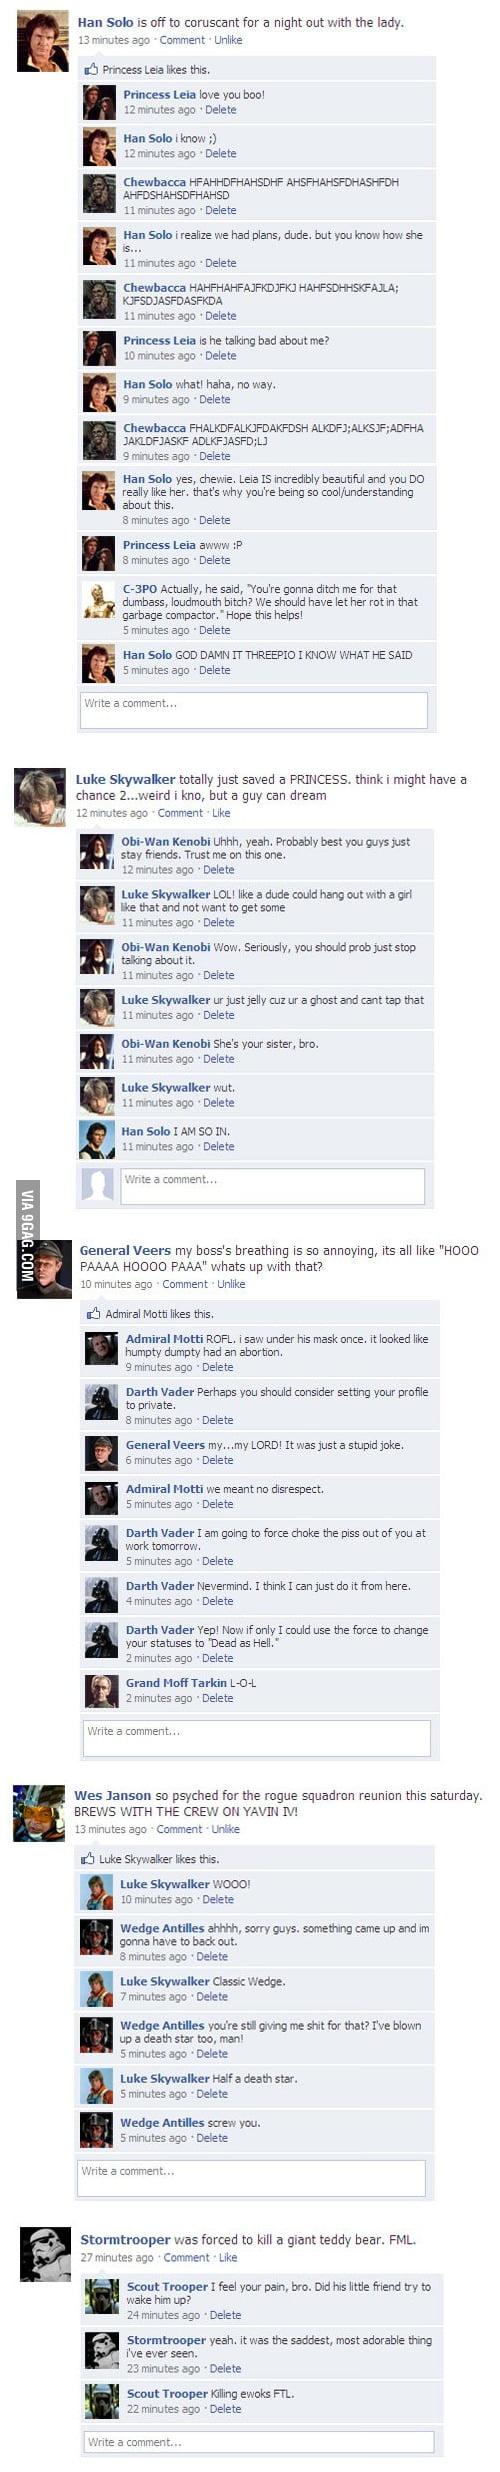 5 Star Wars Status Updates